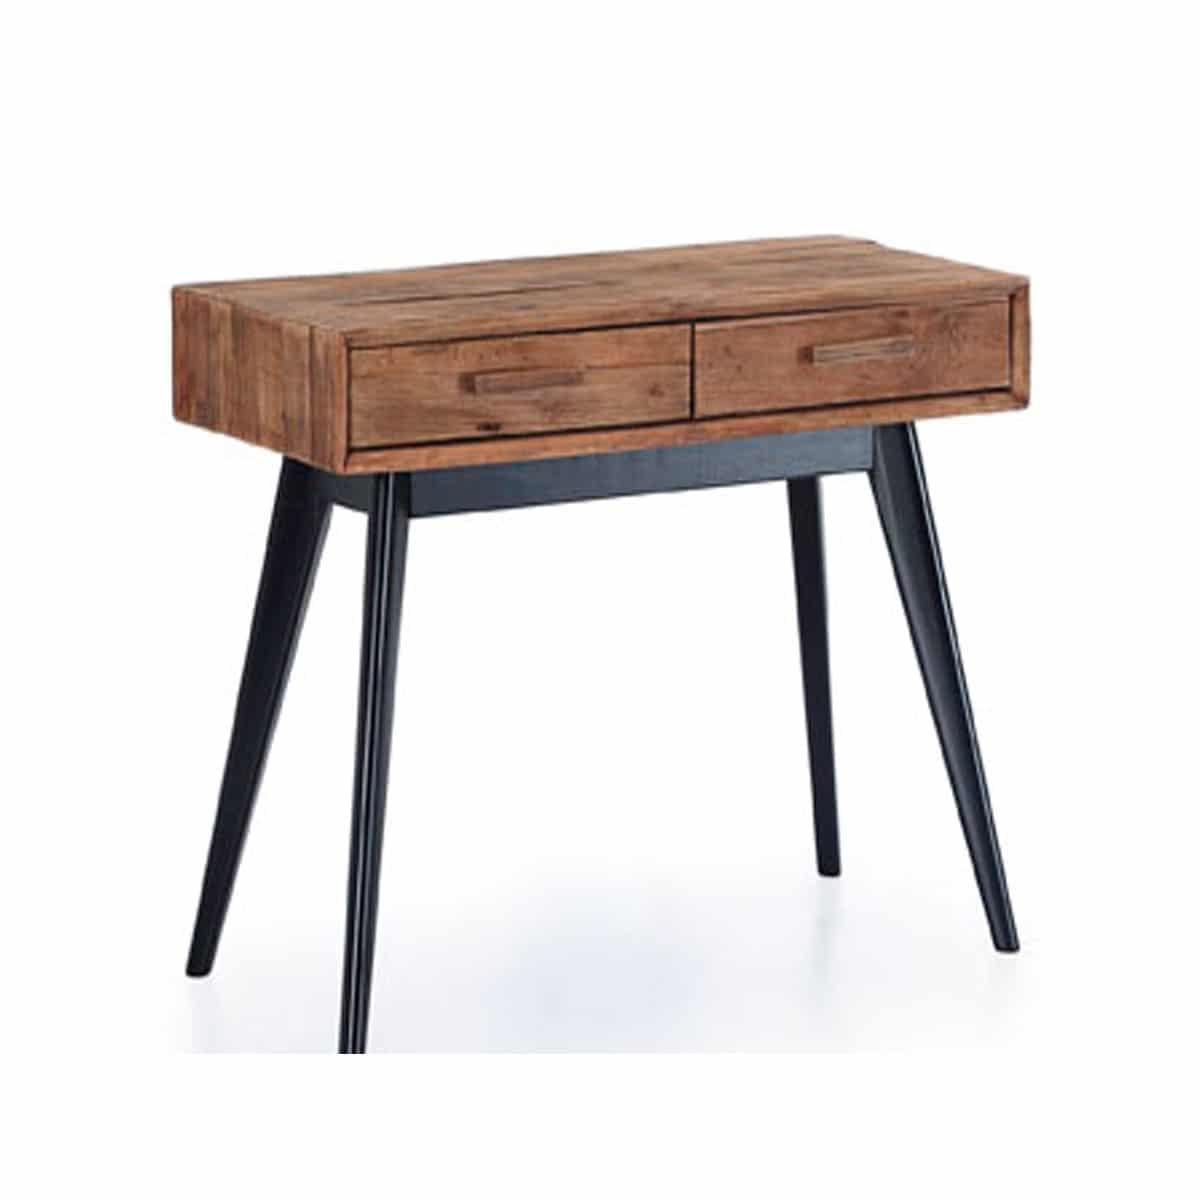 Consola de pino reciclado - Artikalia - Muebles de diseño